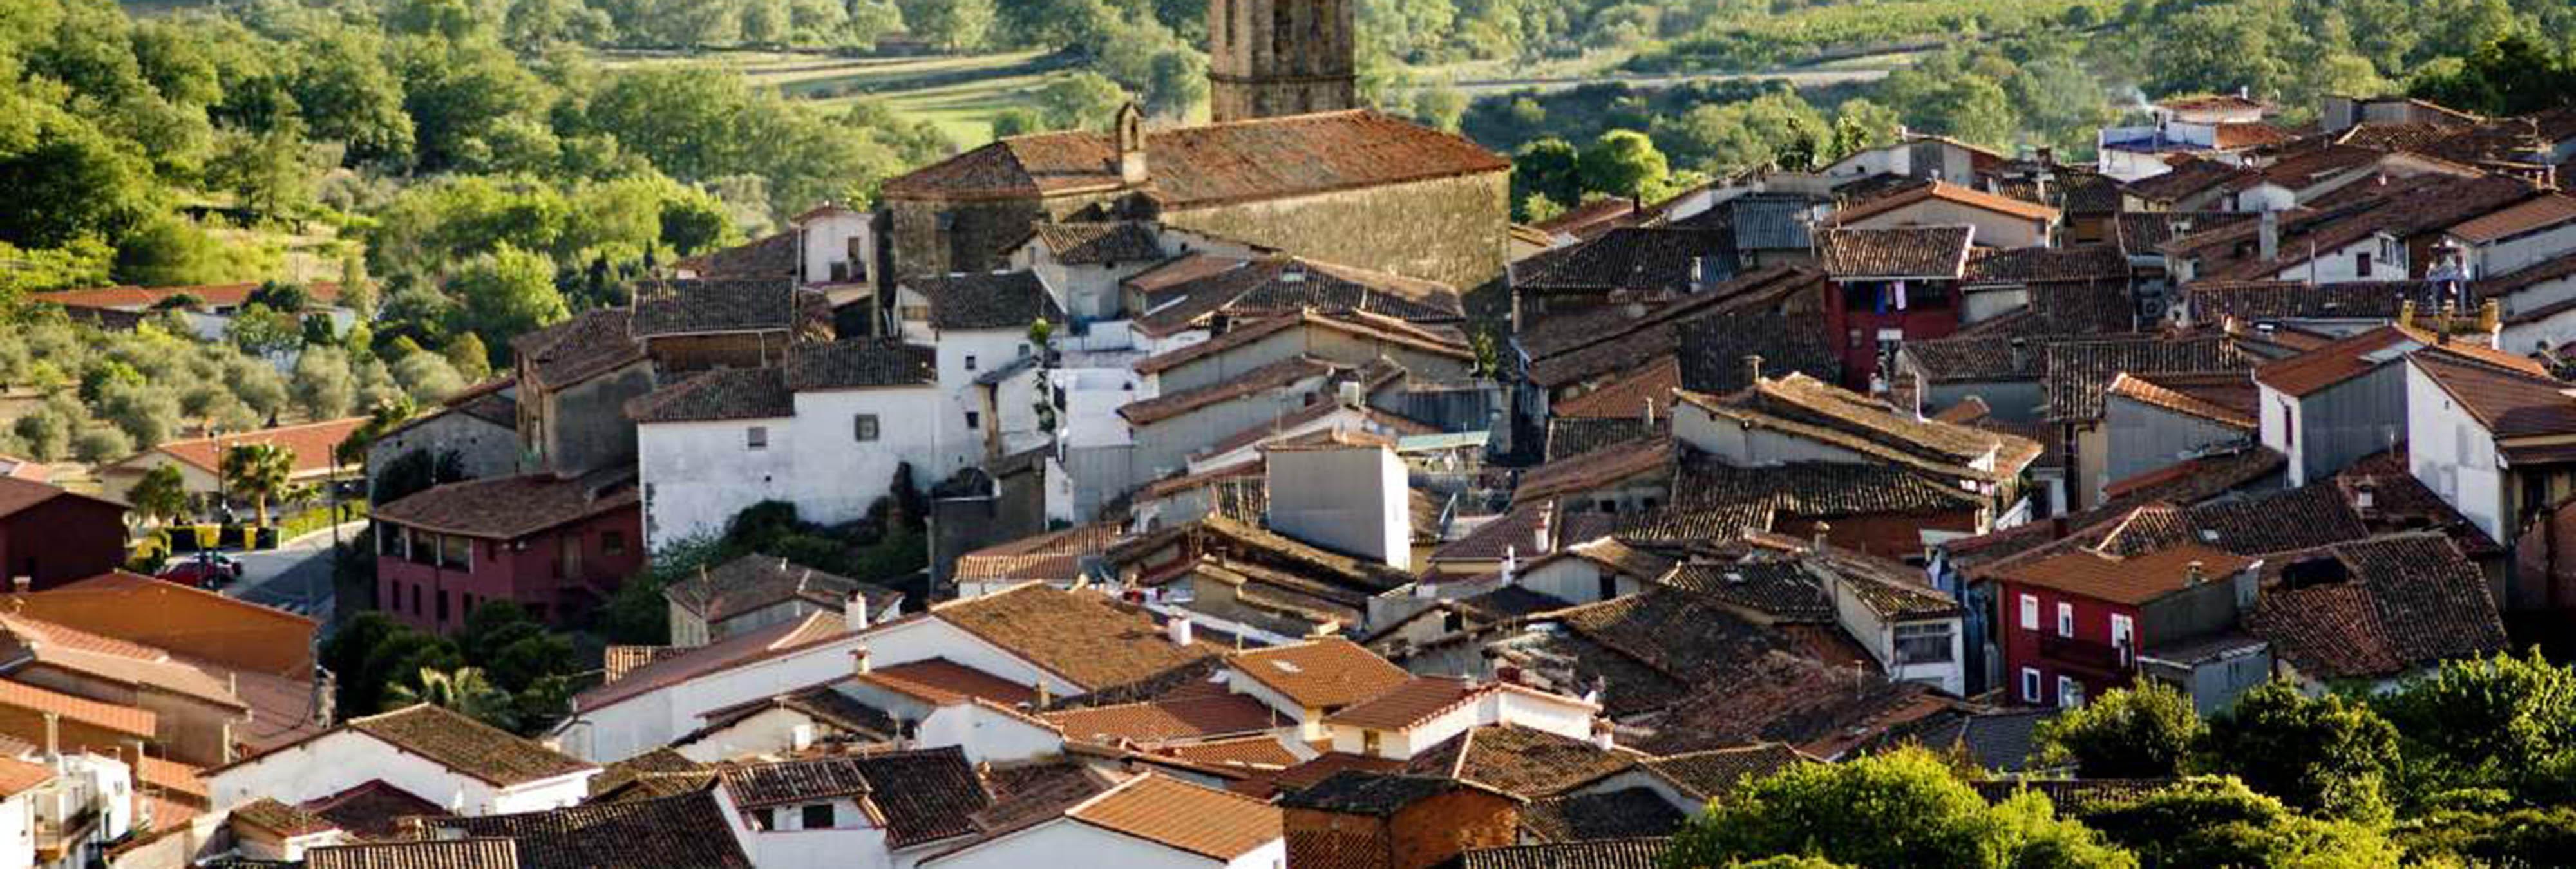 Valverde de la Vera, el pueblo de los parasoles de ganchillo